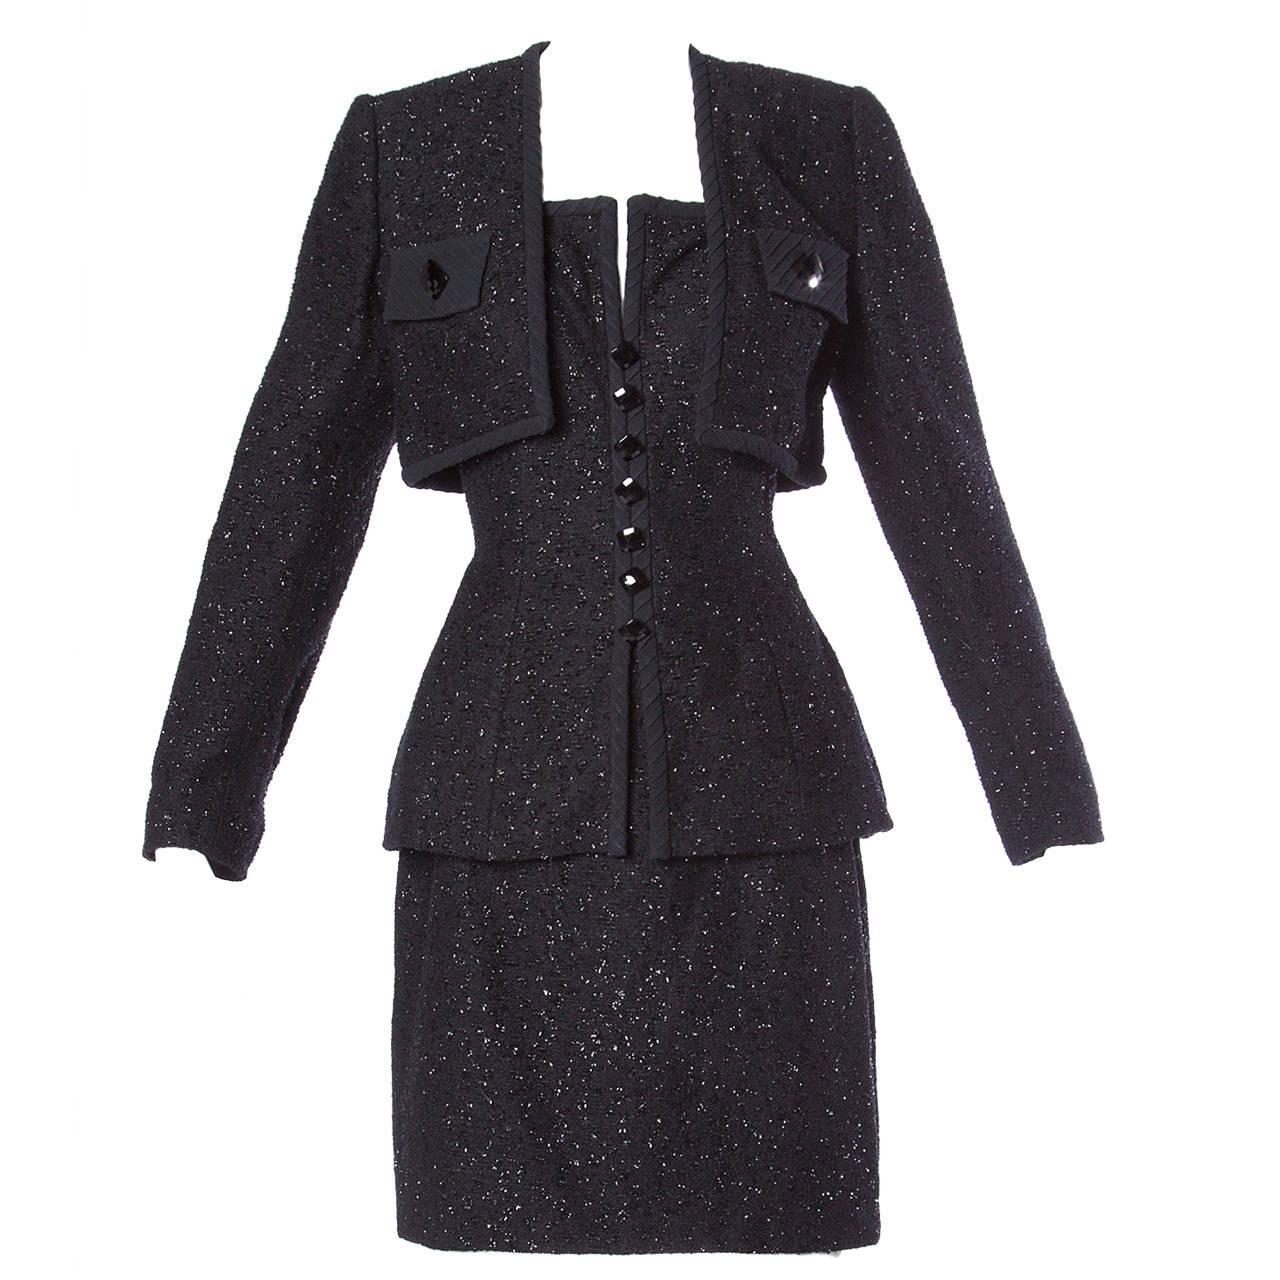 Michael Casey Couture Vintage Sculptural 3-Piece Skirt Suit Ensemble 1